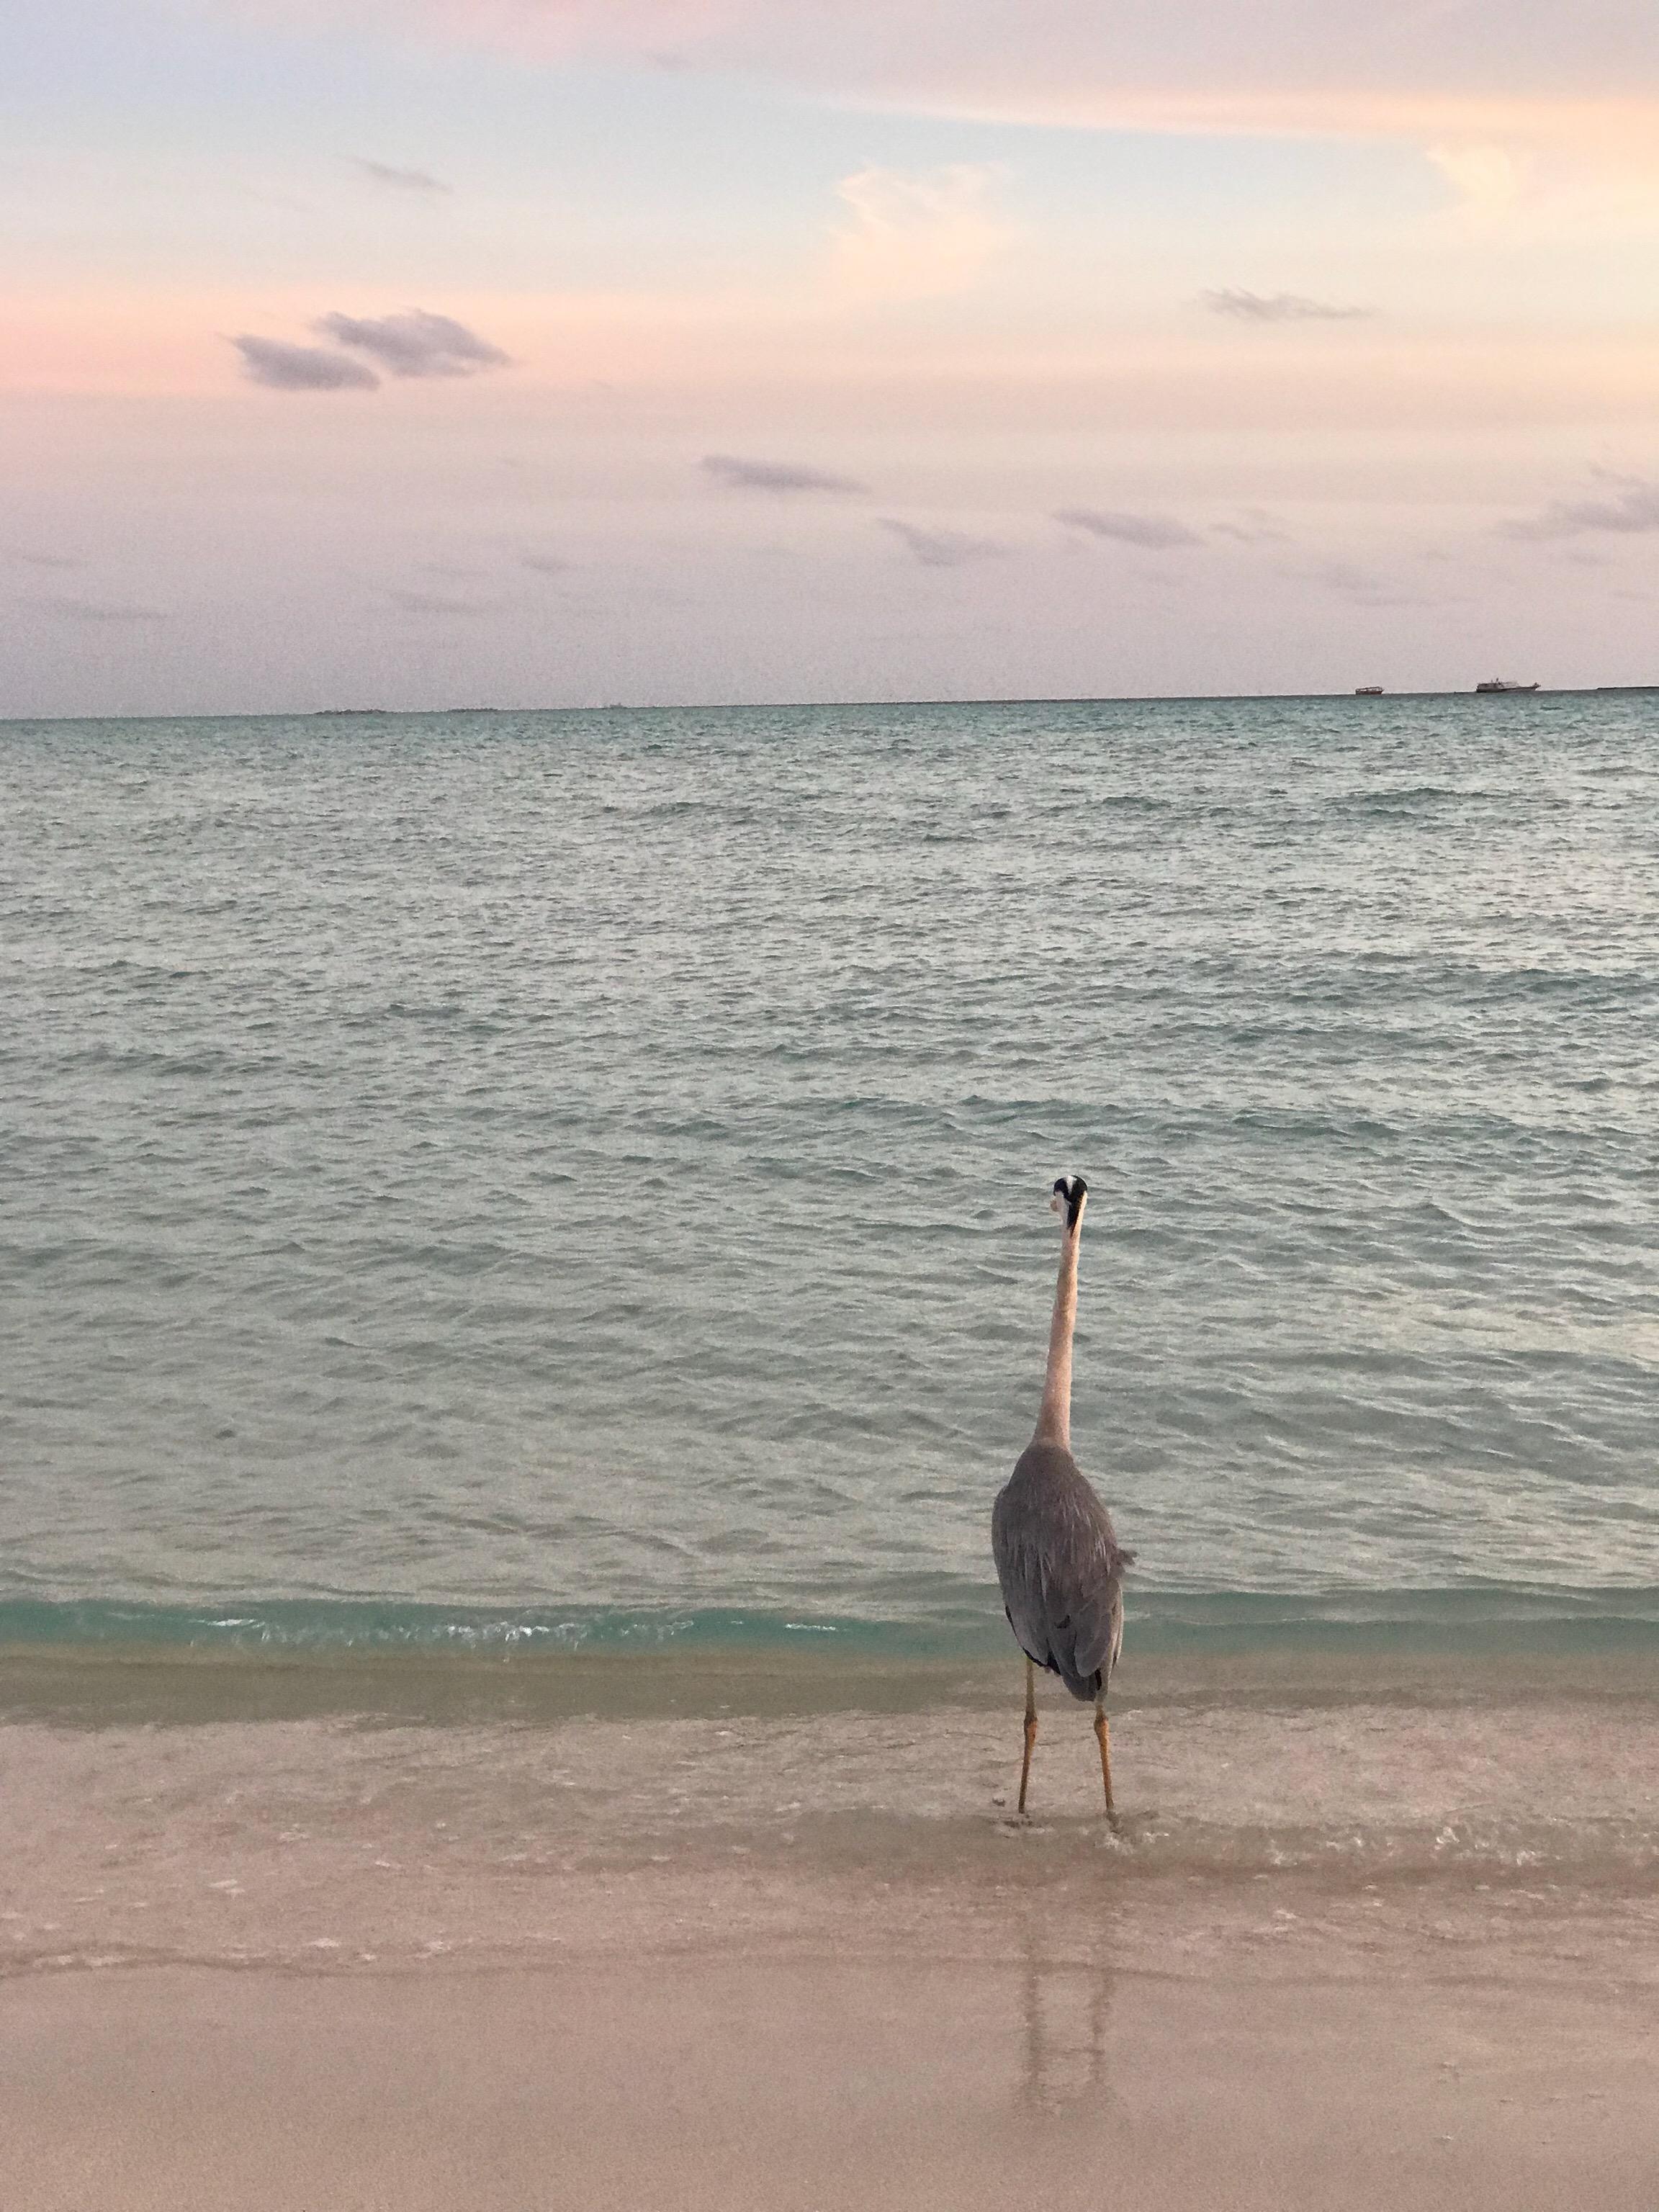 モルディブの海を見つめる鳥の写真